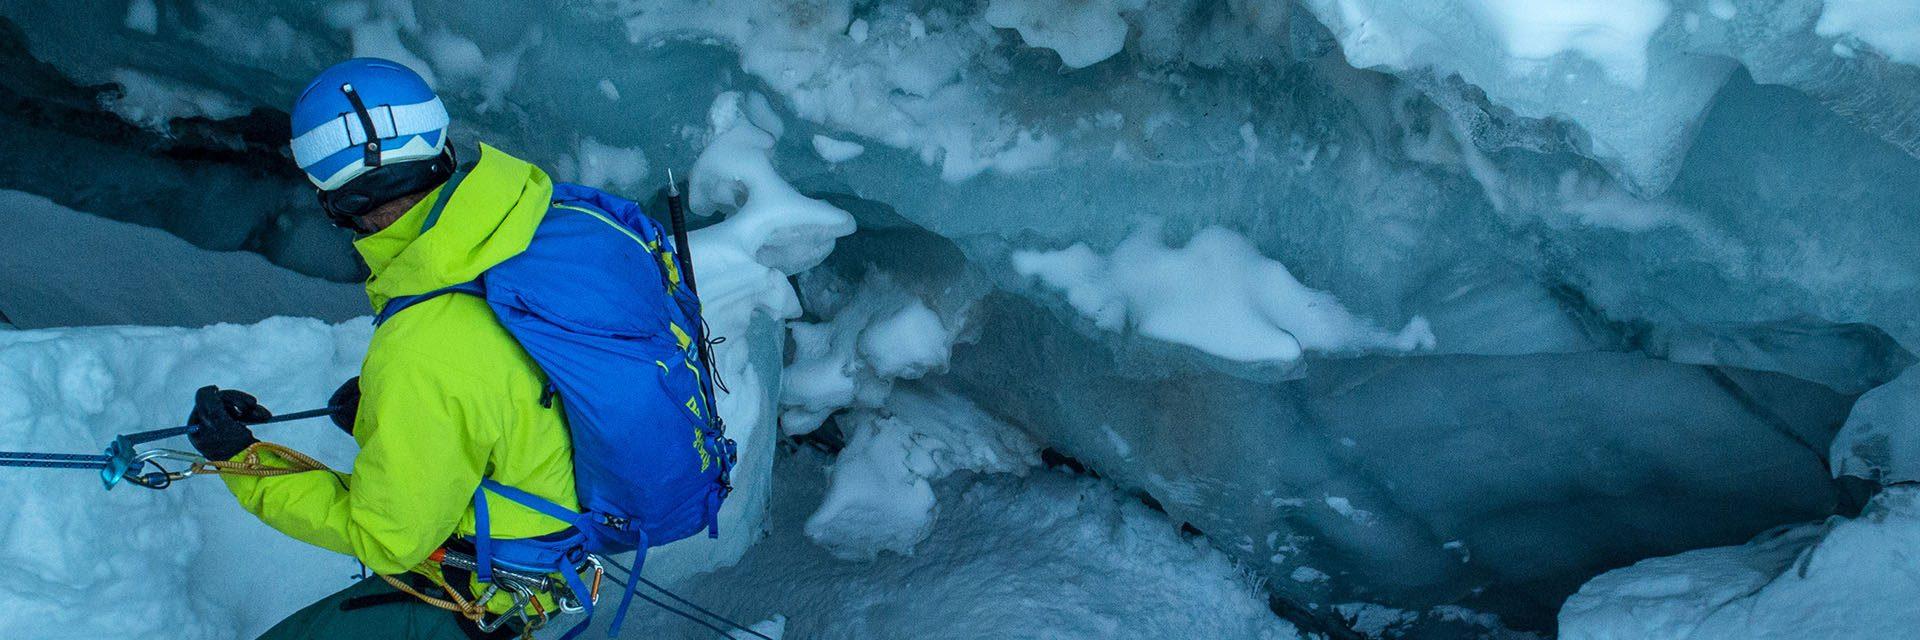 Stephan Verheij rappelling into a crevasse